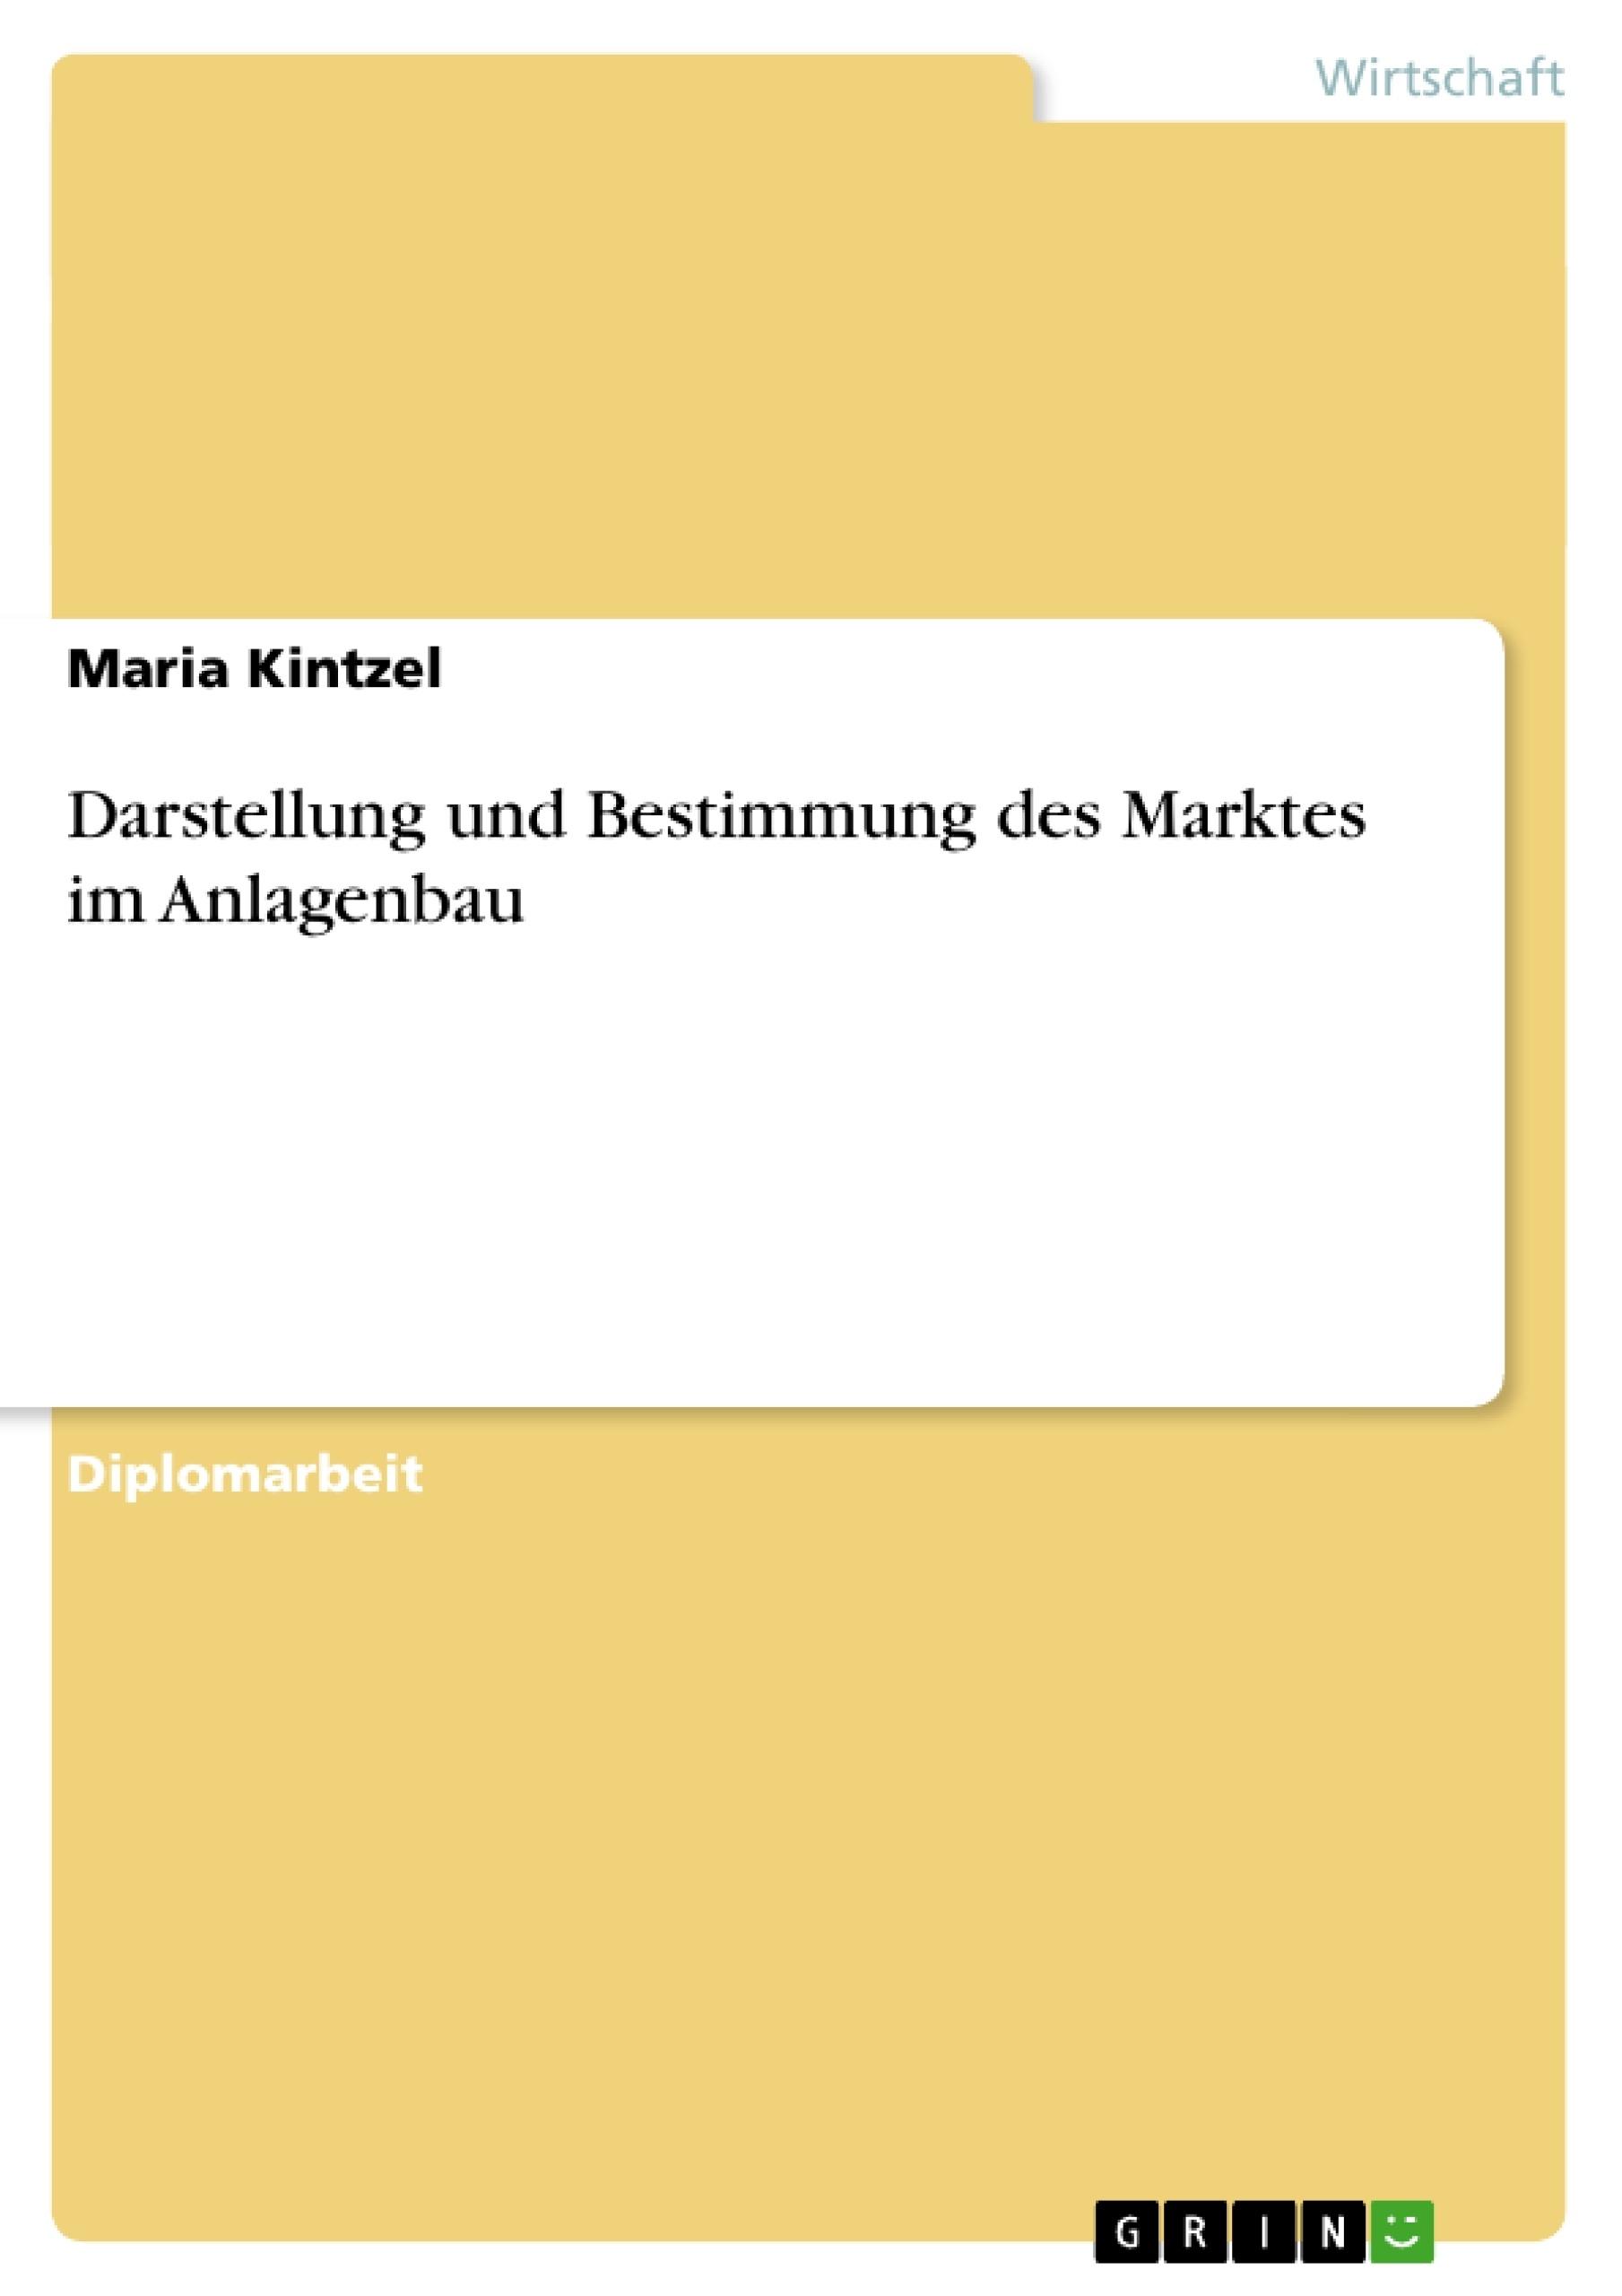 Titel: Darstellung und Bestimmung des Marktes im Anlagenbau